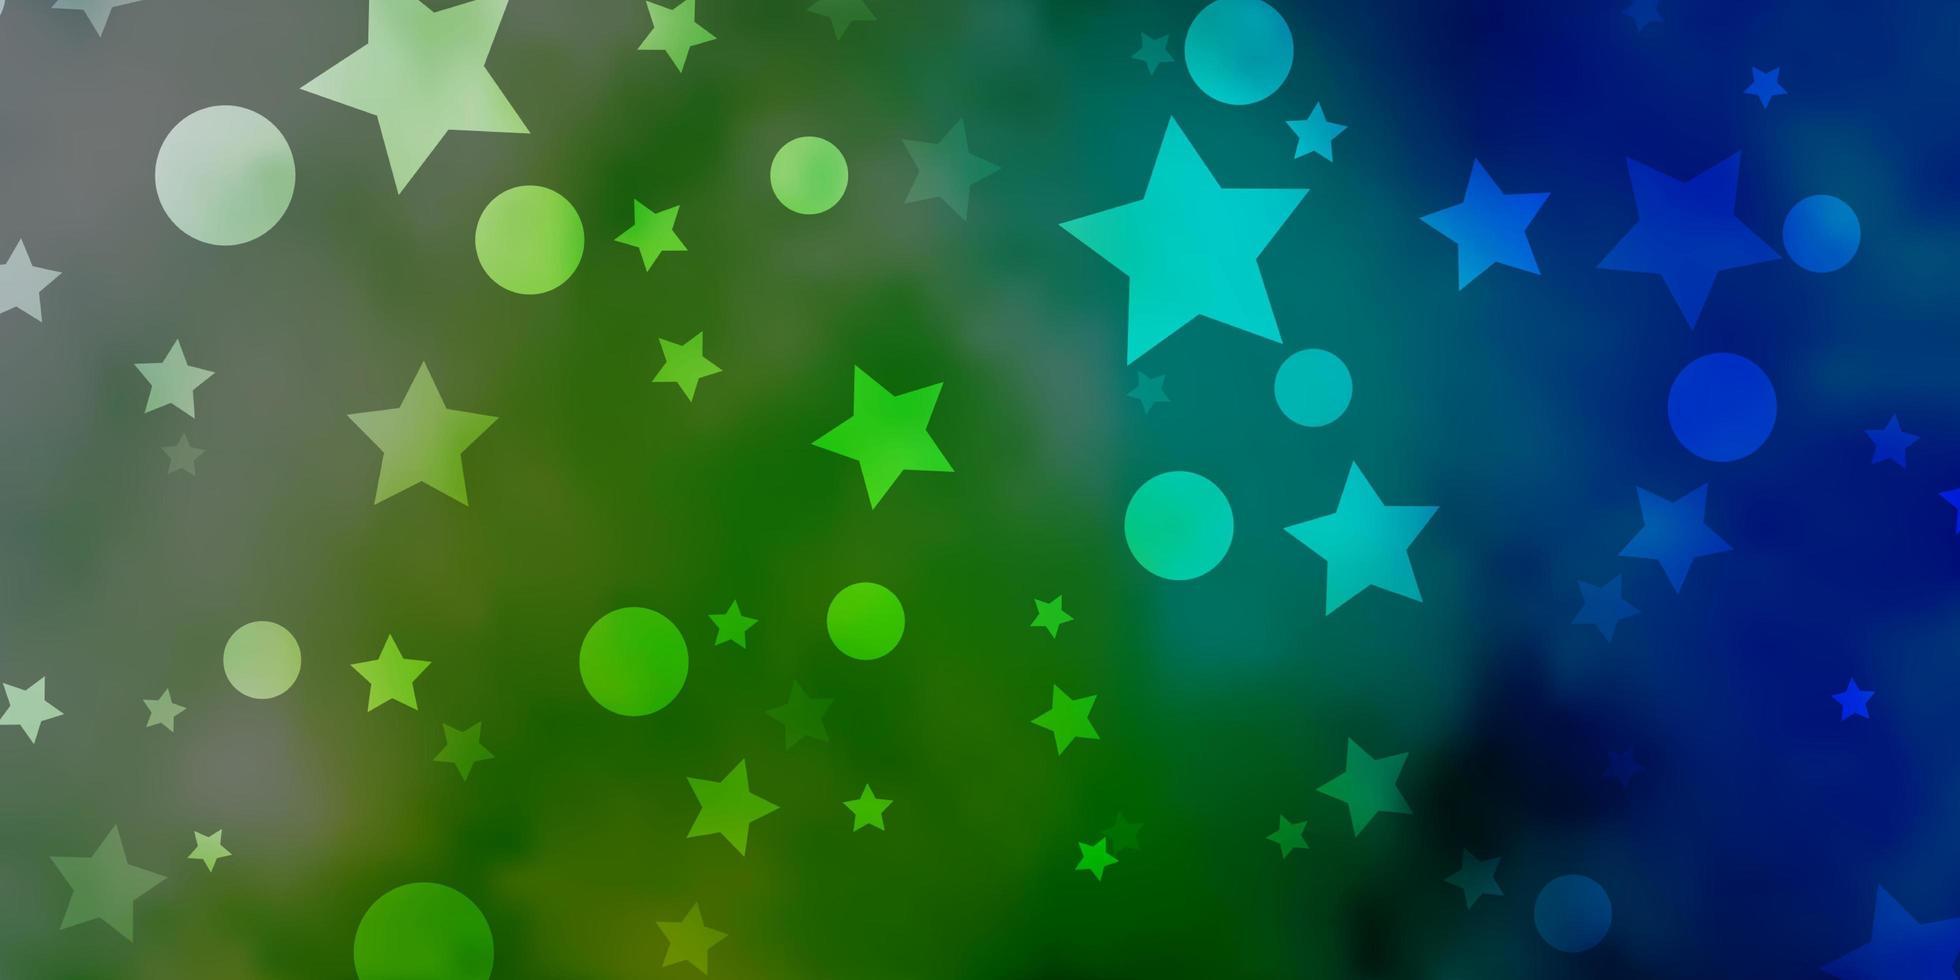 lichtblauwe, groene vectorachtergrond met cirkels, sterren. vector